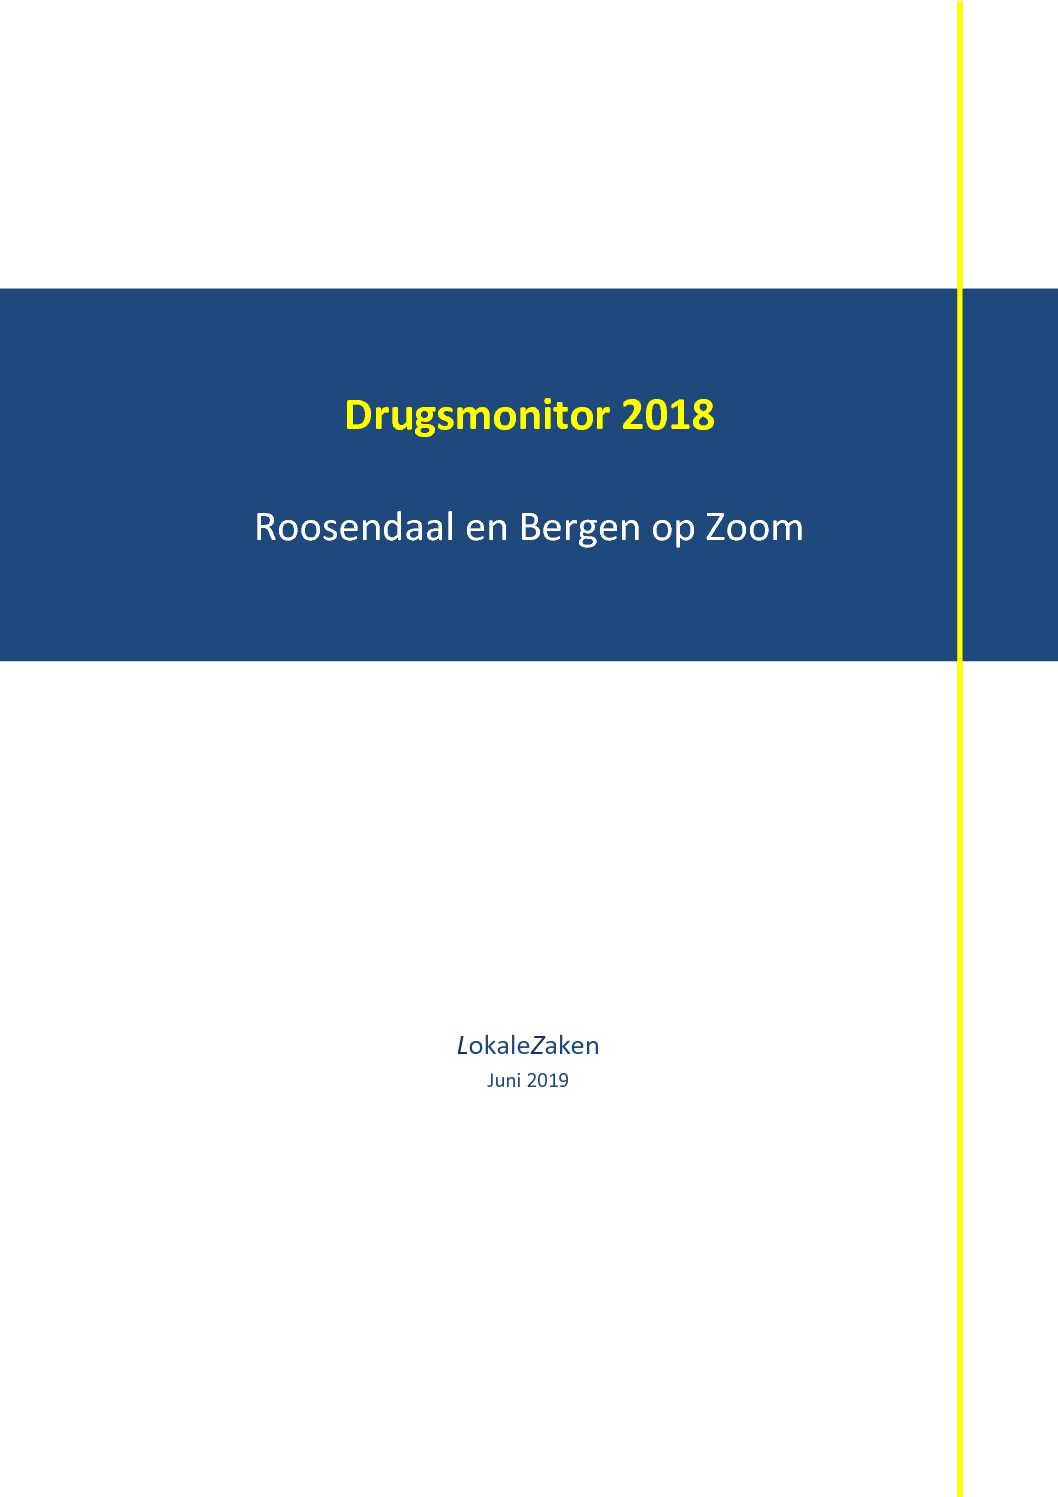 Drugsmonitor 2018. Roosendaal en Bergen op Zoom, 2019.